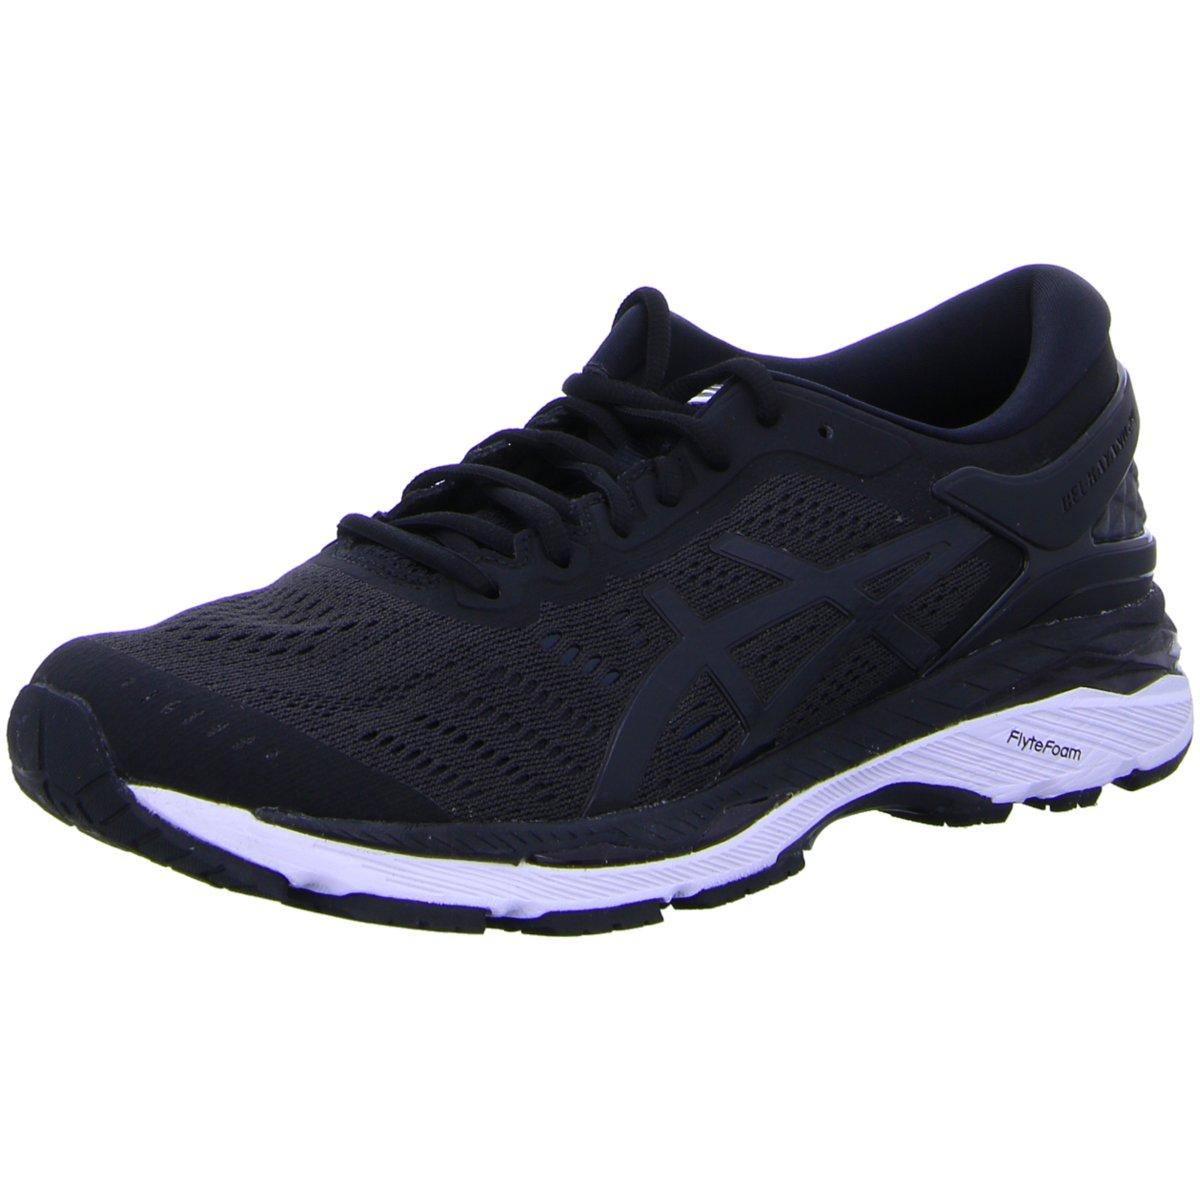 Details zu #S2K asics Herren Sportschuhe Gel-Kayano 24 Herren Laufschuhe  Running weiß